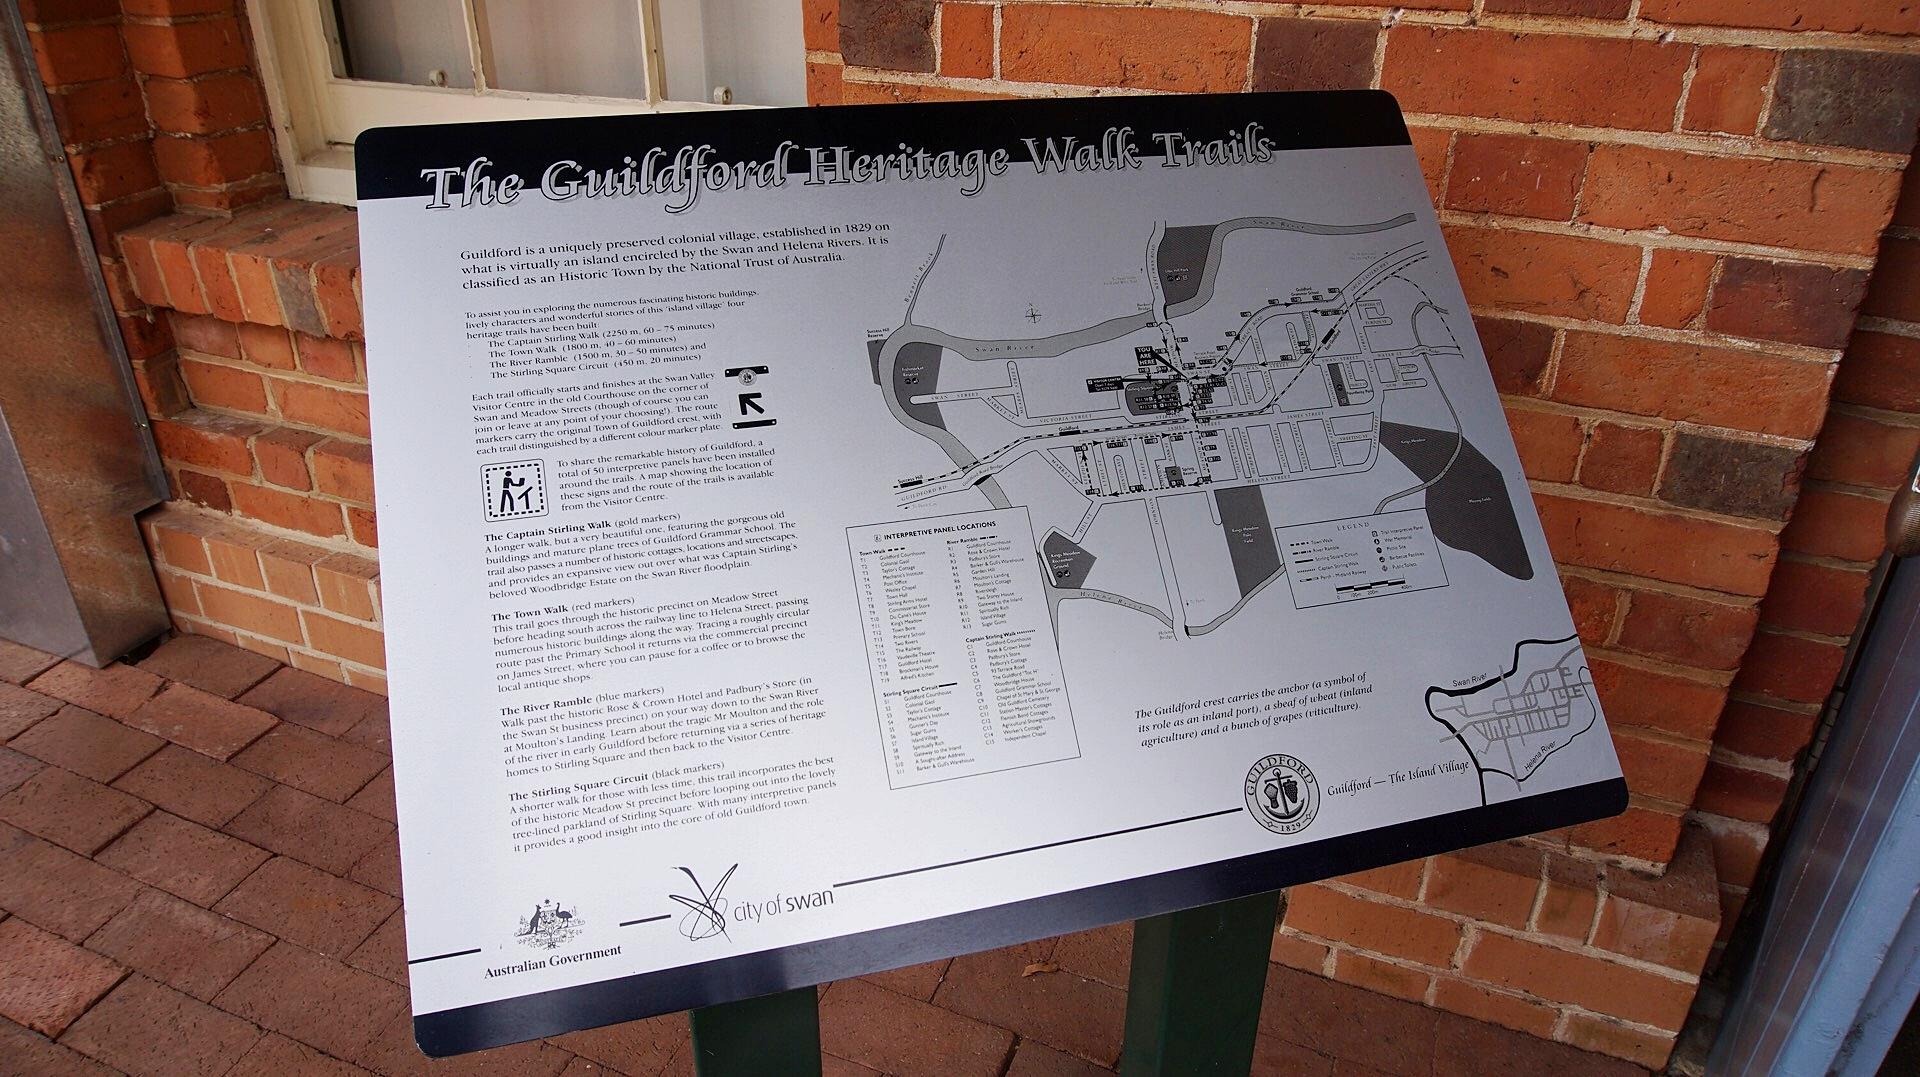 Heritage Walk Guildford Swan Valley